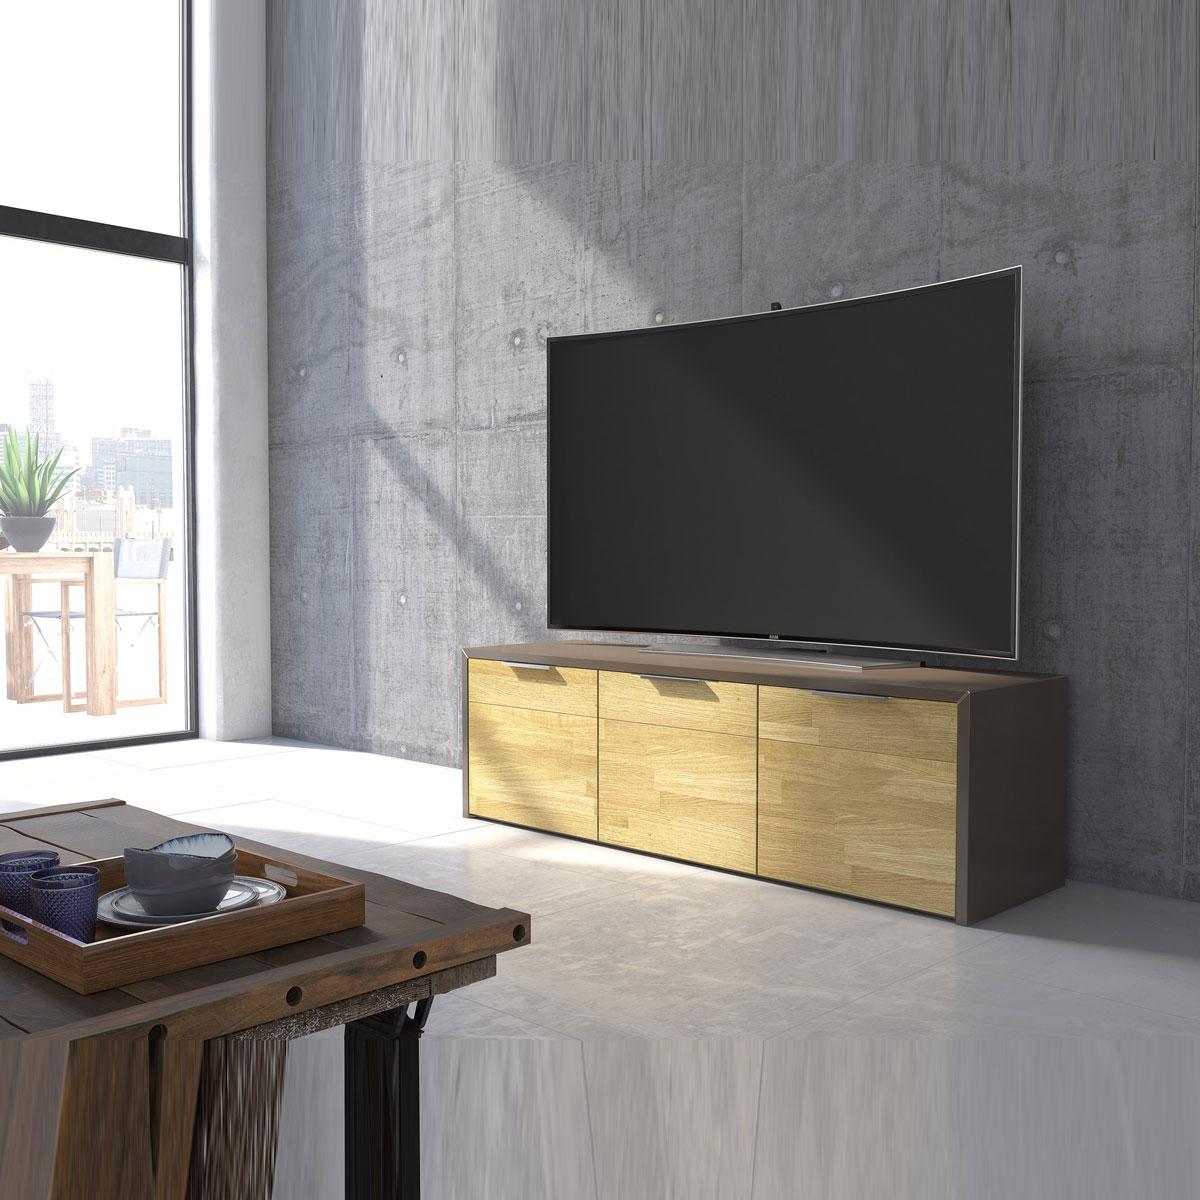 Ein geschlossenes TV Lowboard 166,7x51,0x48,2 cm. Mit 3 Türen. Verschiedene Dekore und Furniere. Modell SK-3 von Schnepel.